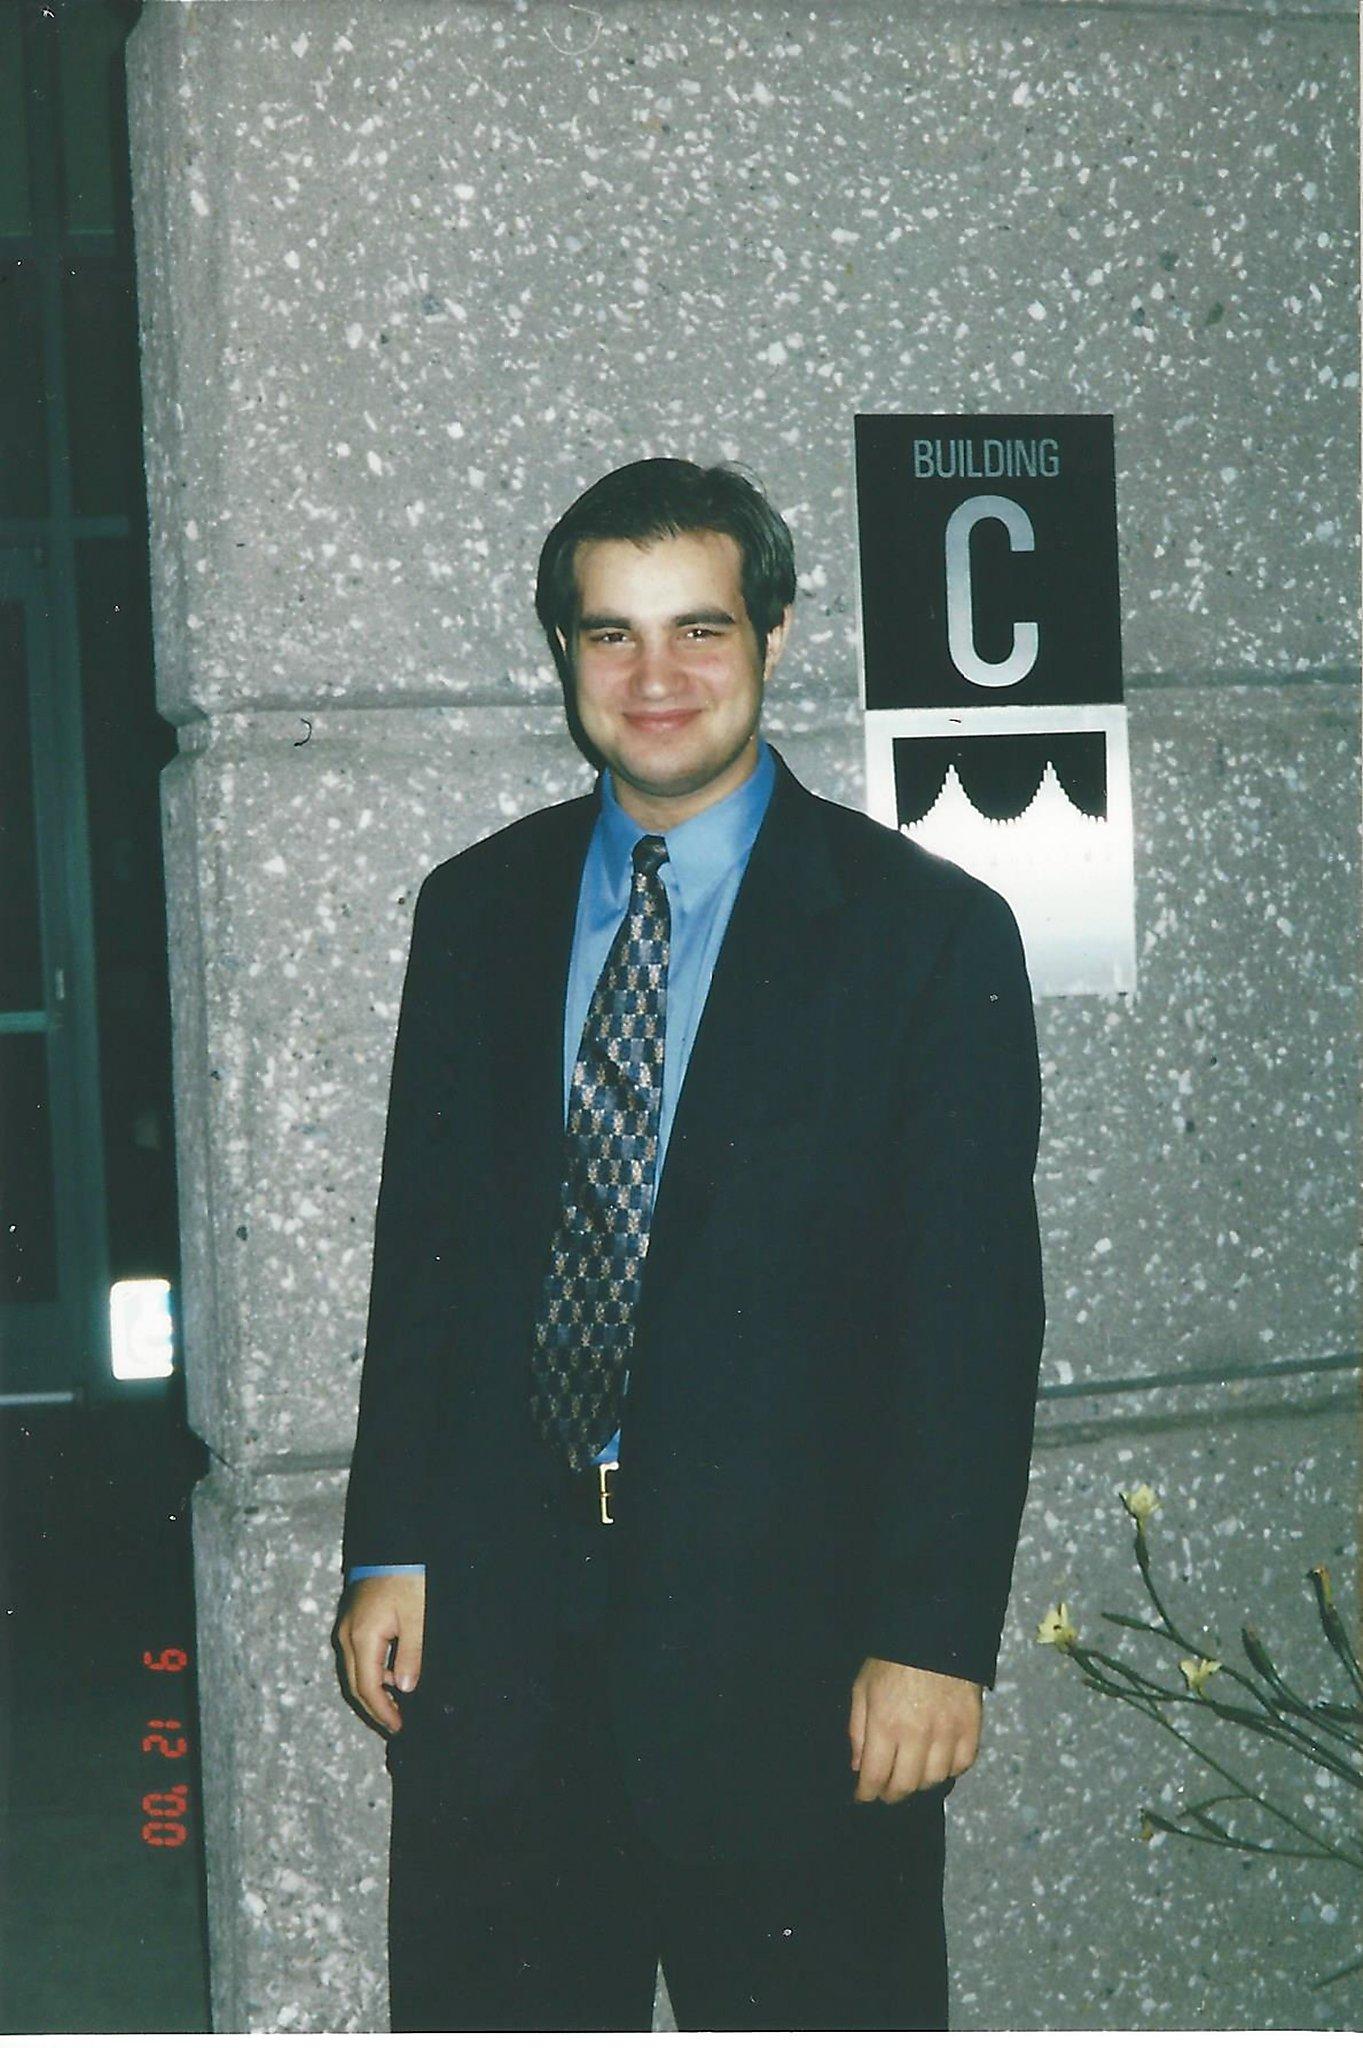 Dan Kaminsky, S.F. native and pioneer of internet security, dies at 42